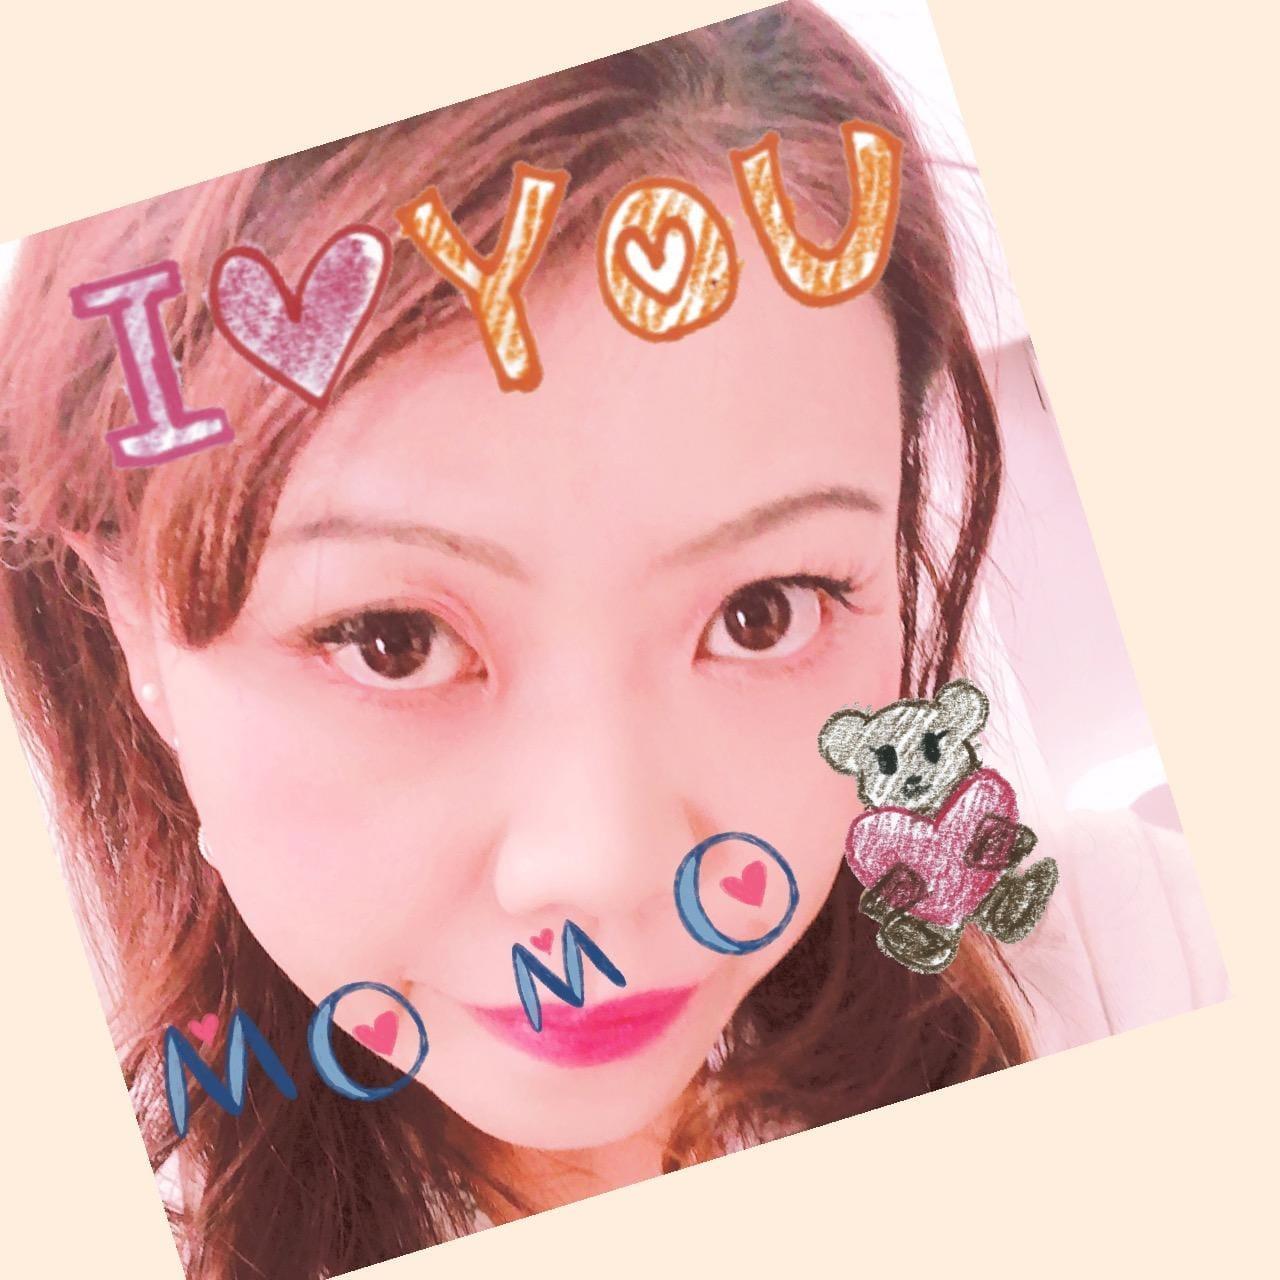 おはようございます<img class=&quot;emojione&quot; alt=&quot;😃&quot; title=&quot;:smiley:&quot; src=&quot;https://fuzoku.jp/assets/img/emojione/1f603.png&quot;/>